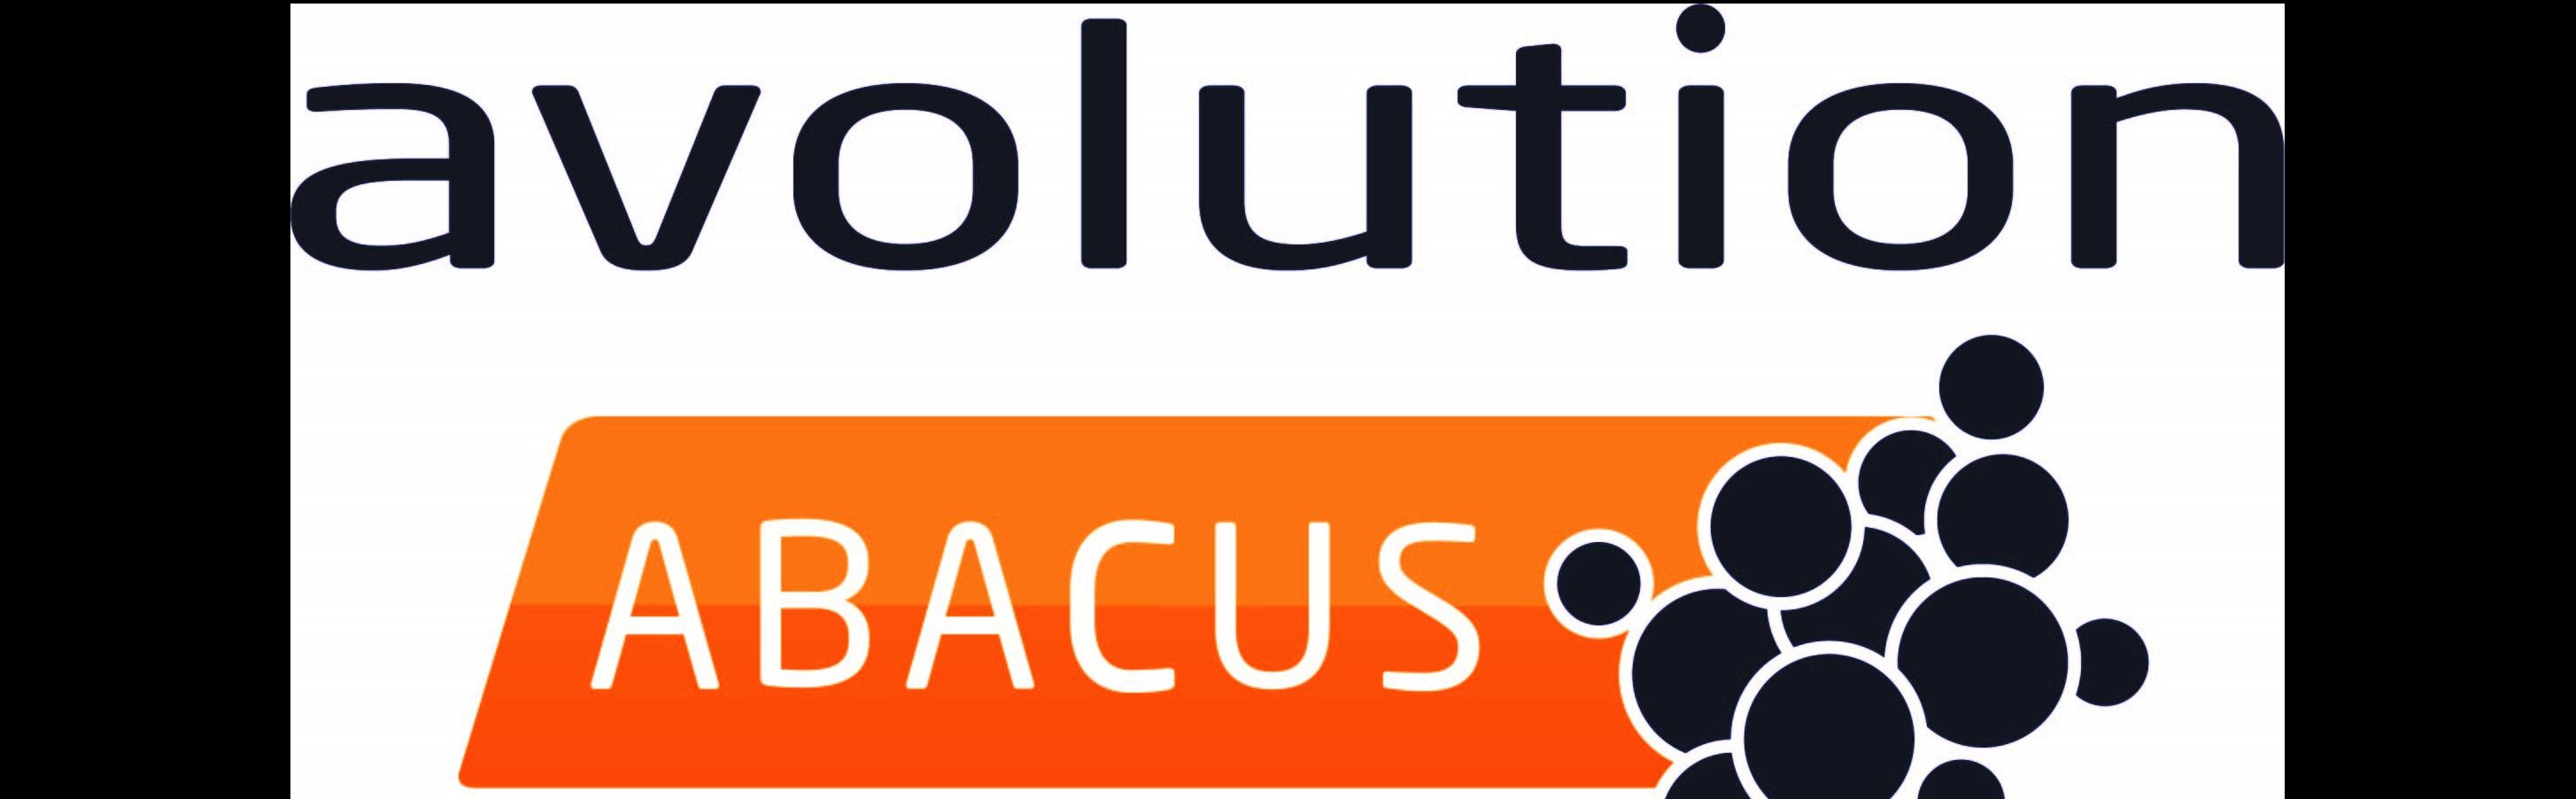 Avolution profile banner